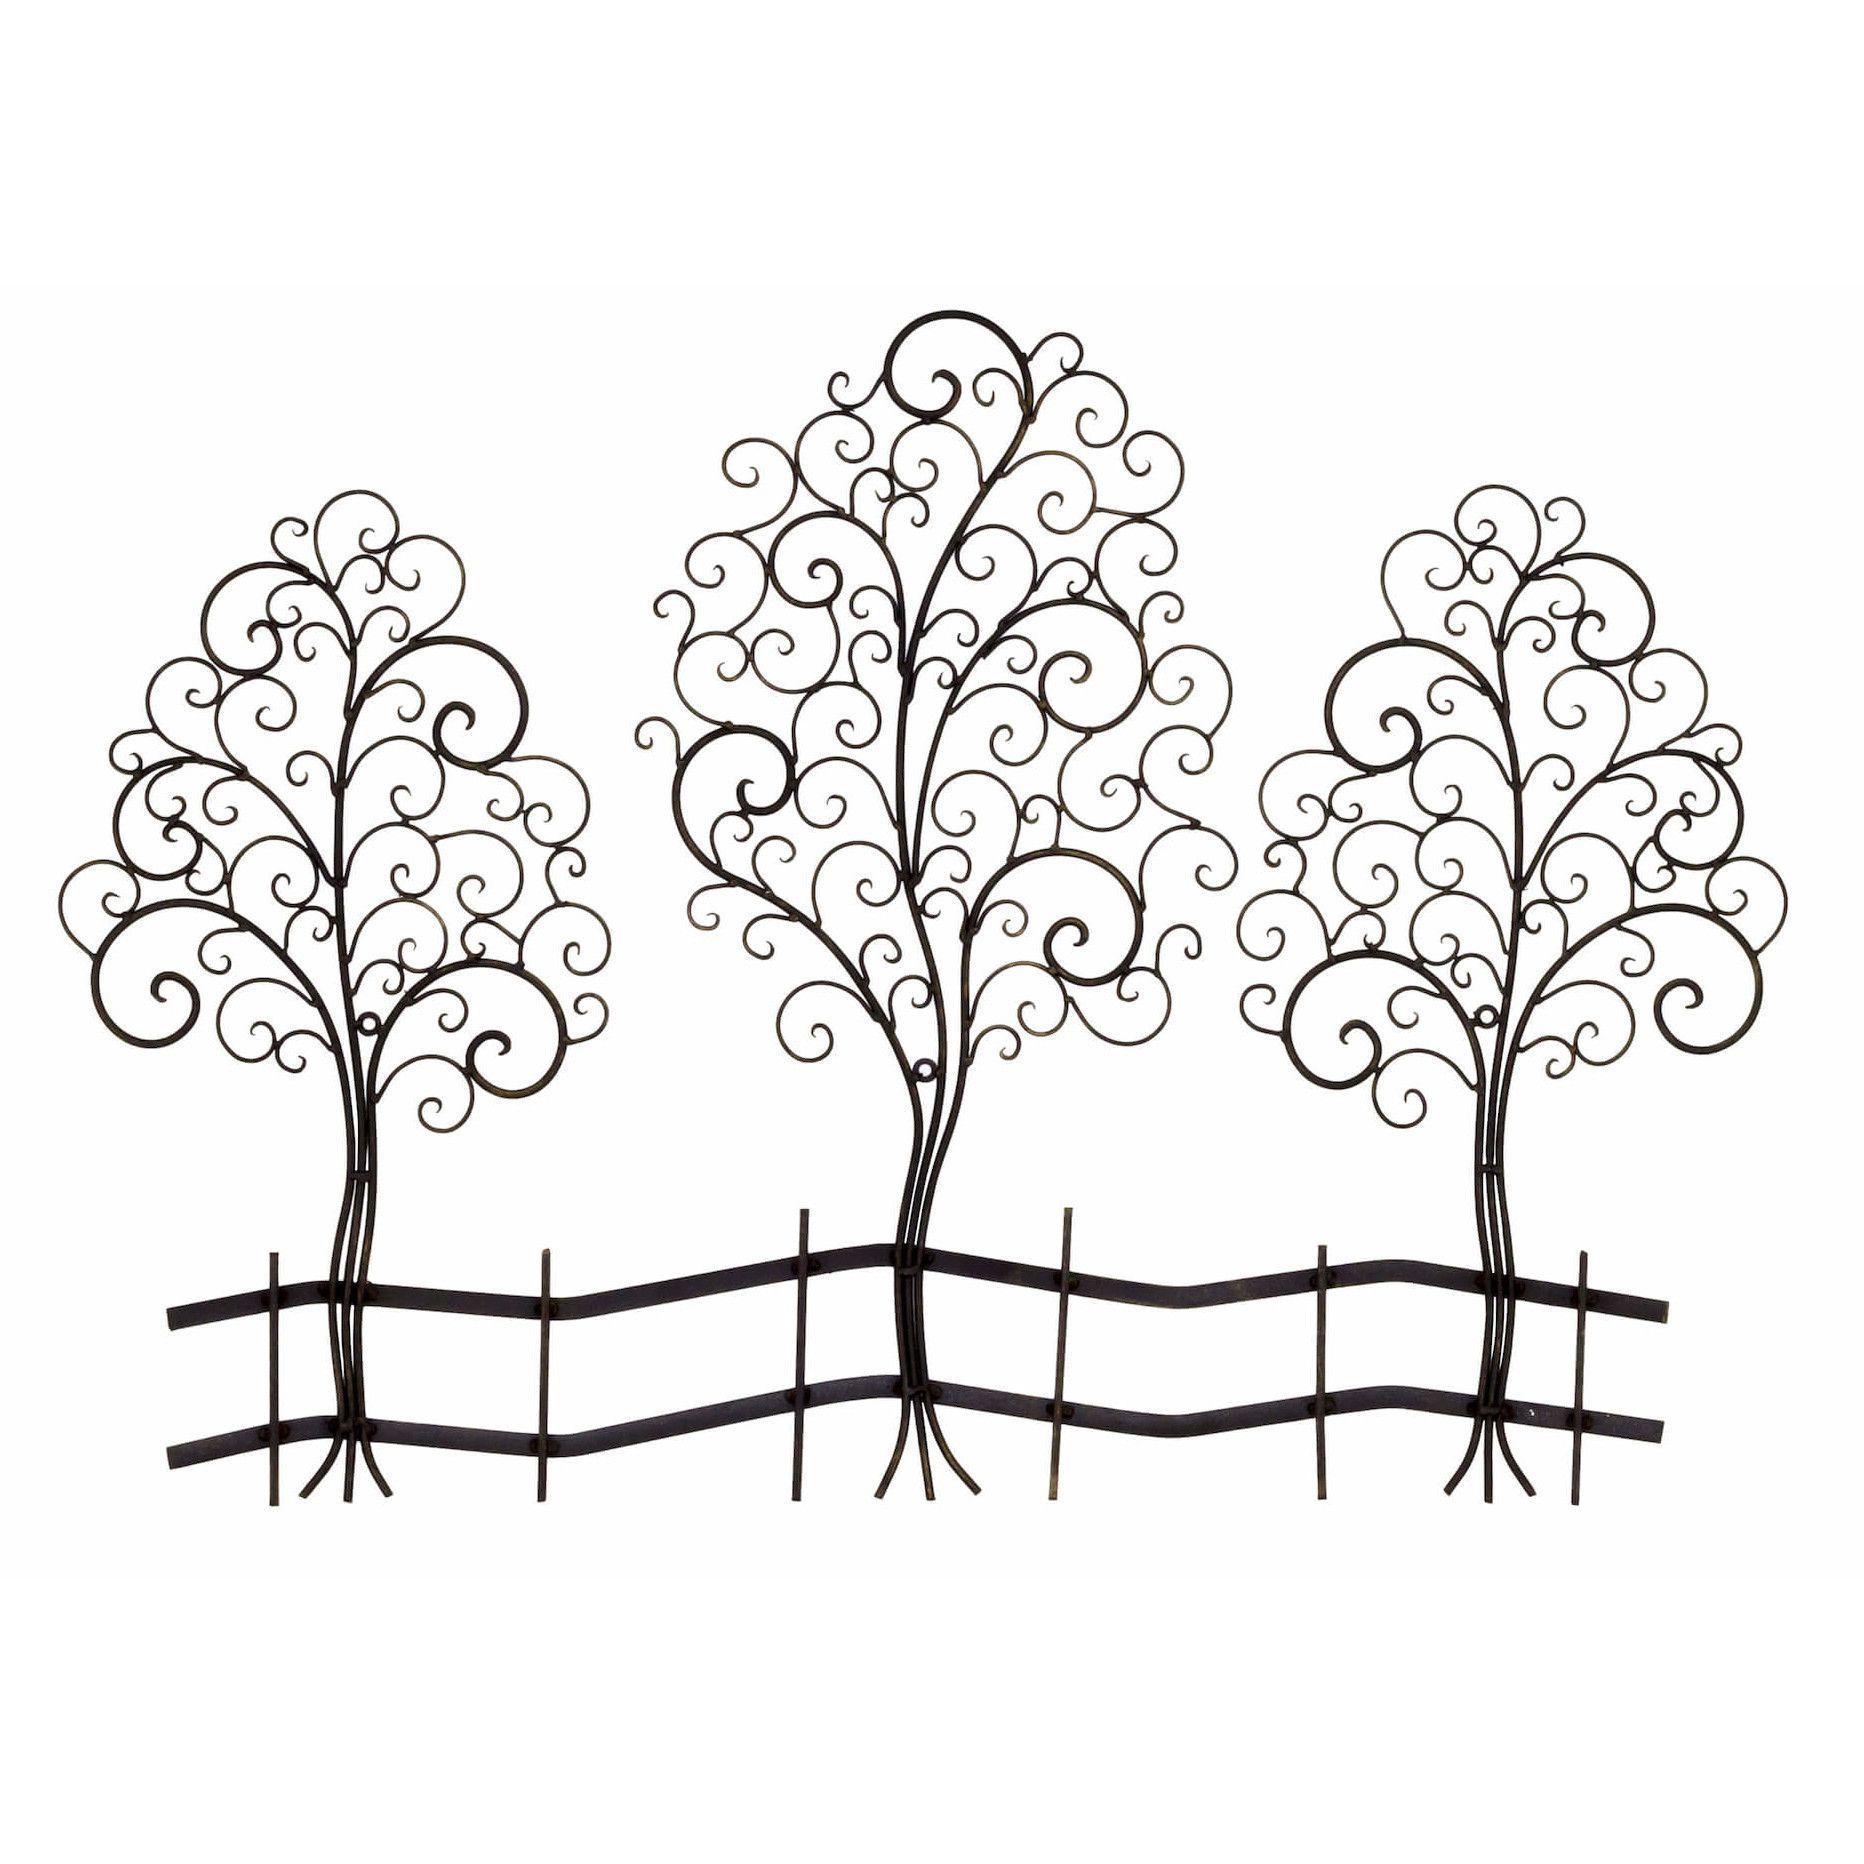 Bayaccents metal tree sculpture wall decor u reviews wayfair